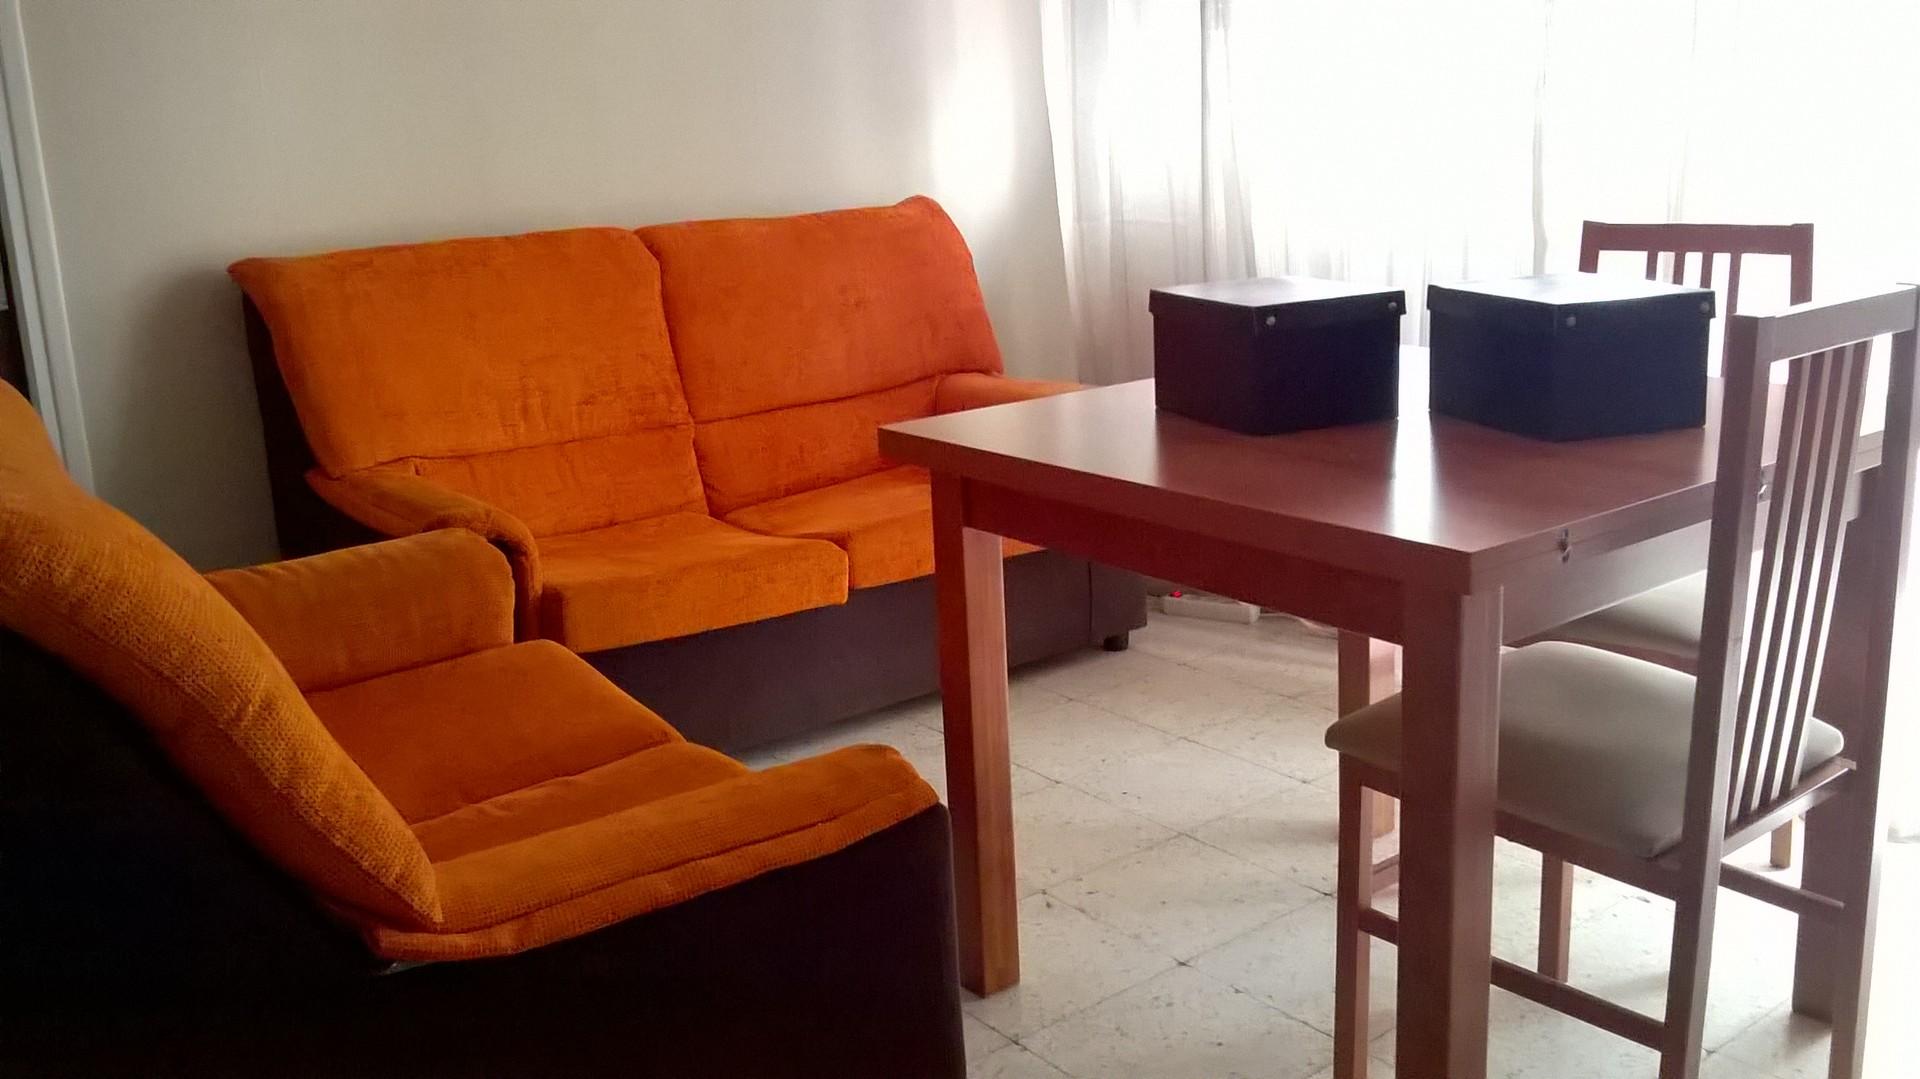 Alquilo 4 habitaciones en piso compartido + Salon, cocina ...